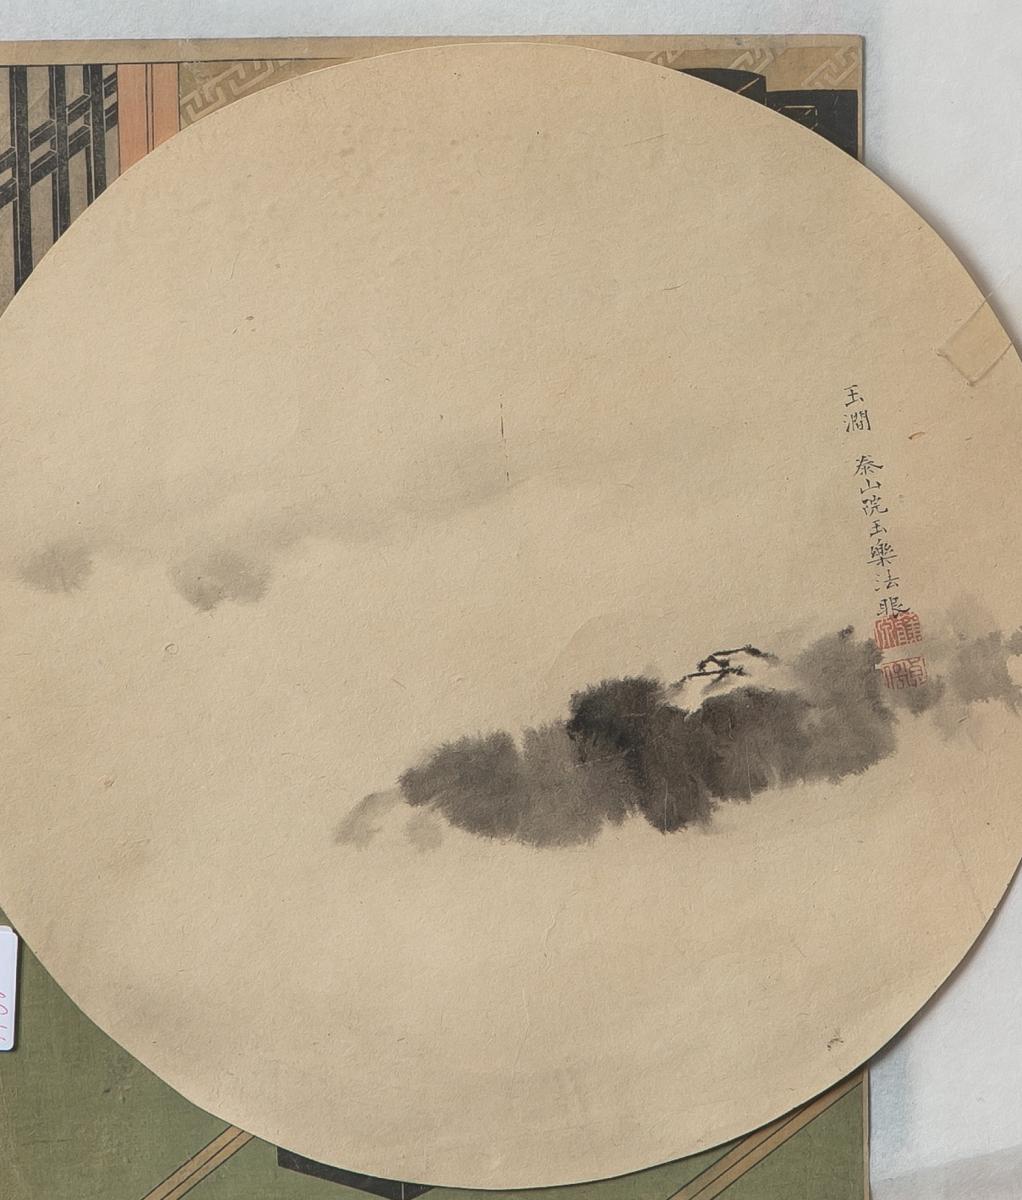 """Lot 59 - Unbekannter Künstler (Japan), Tuschezeichnung, rs. bez. """"Hinter Wolken u. Nebelmeerversteckter"""